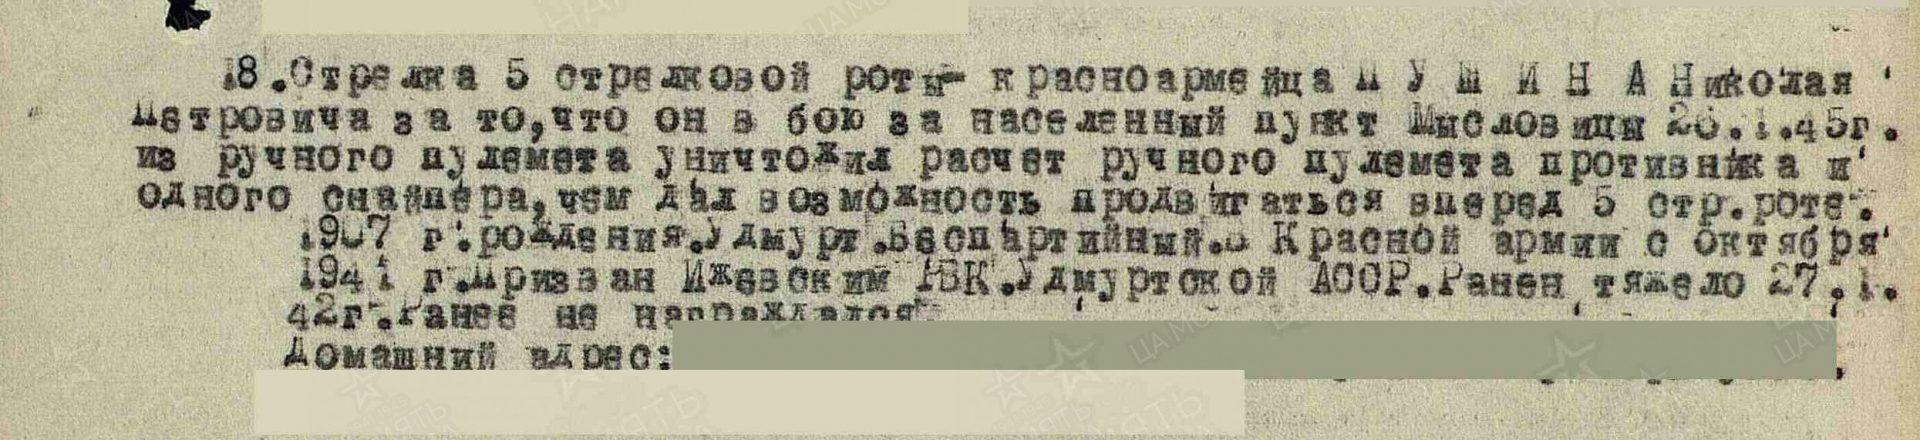 Пушин Николай Петрович